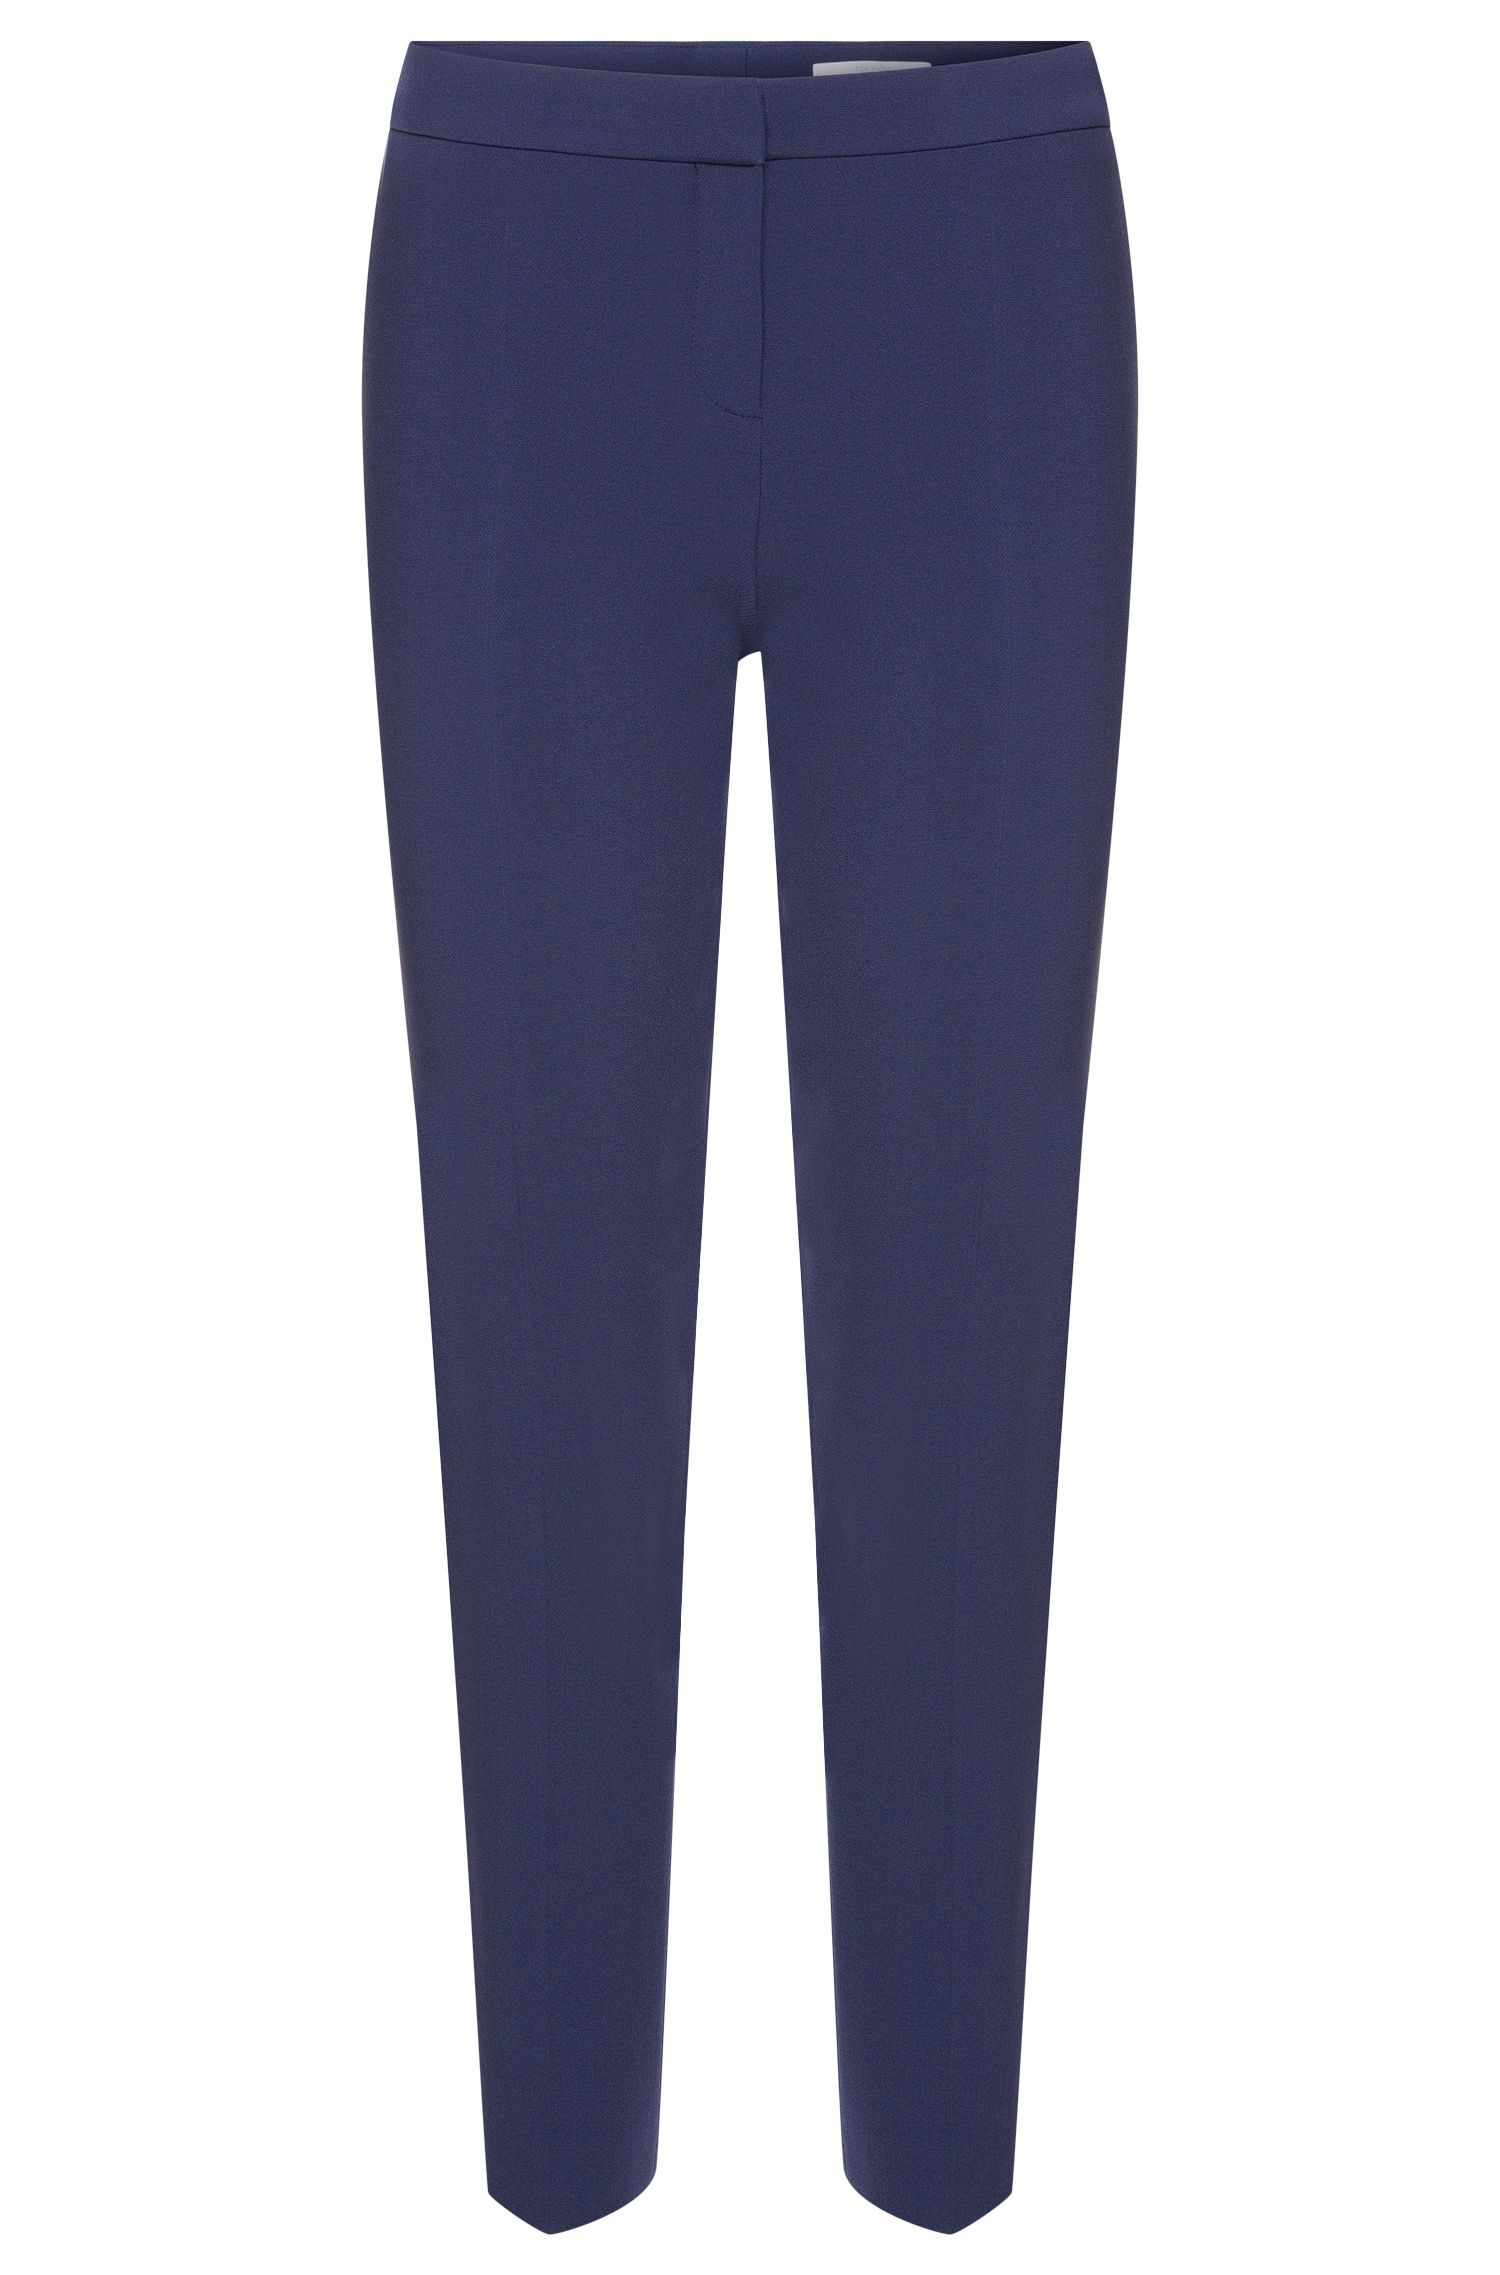 'Tiluna' | Stretch Cotton Blend Pants